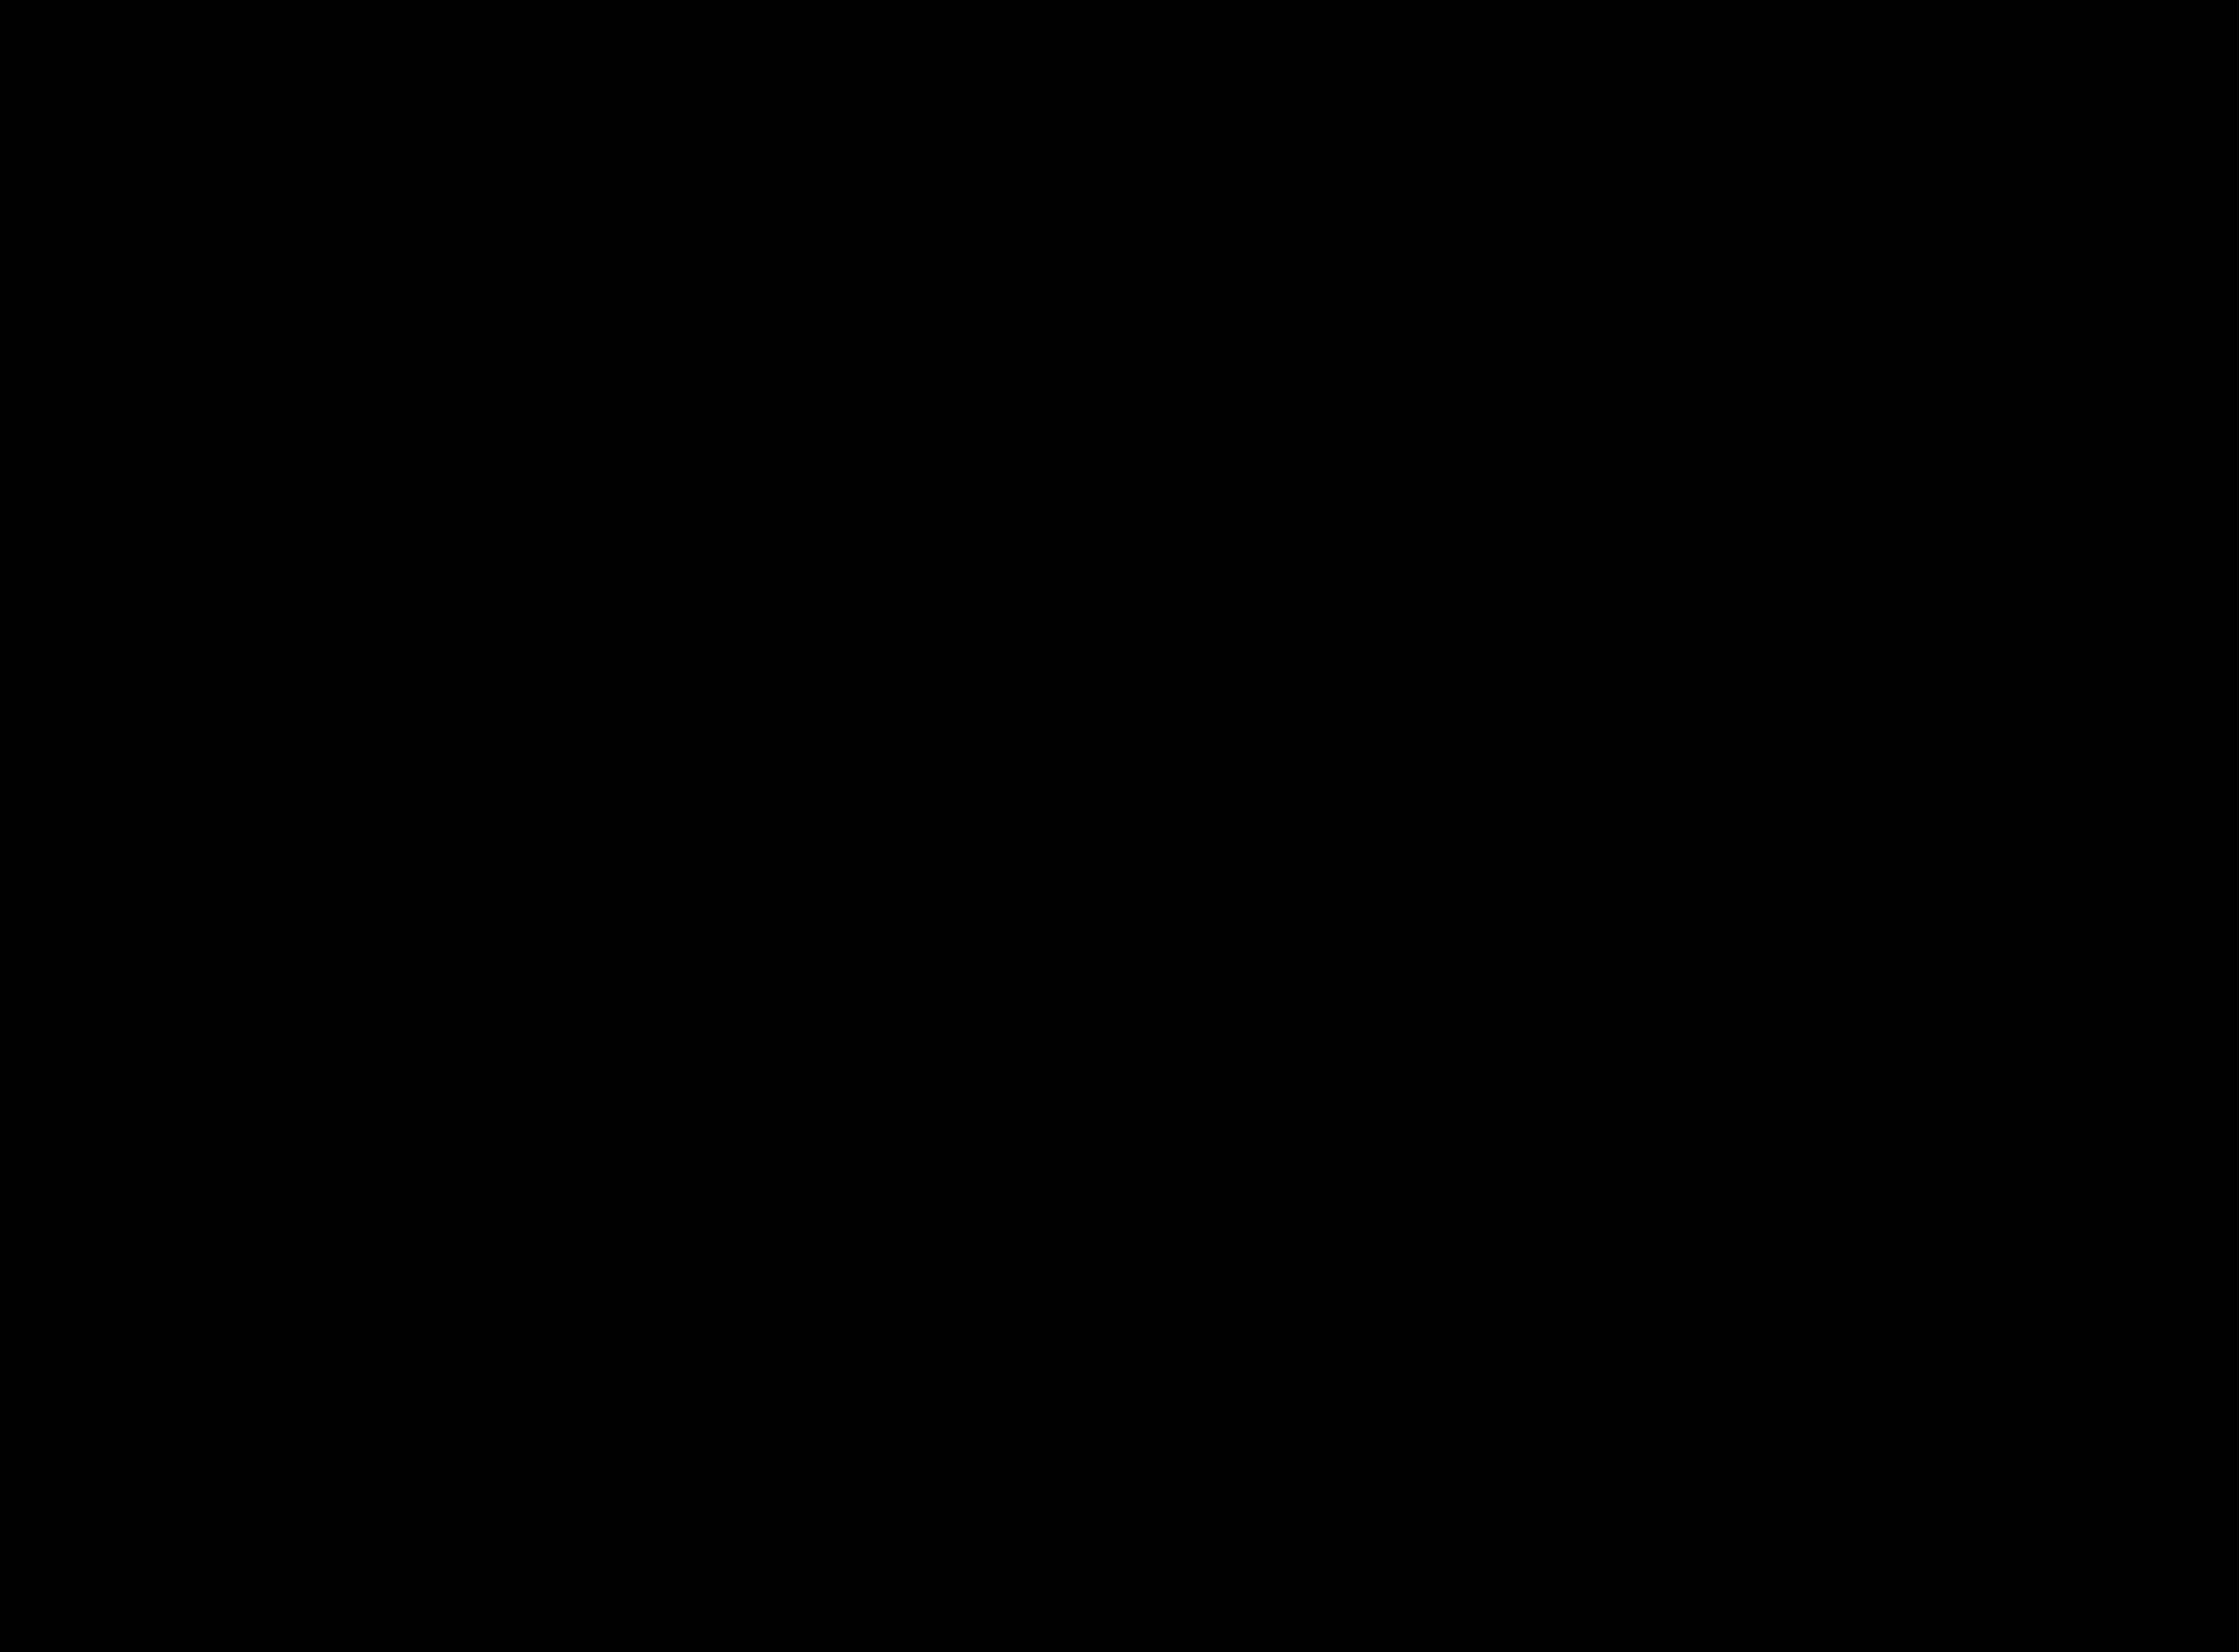 Silueta Lobo: Profile Silhouette Clipart